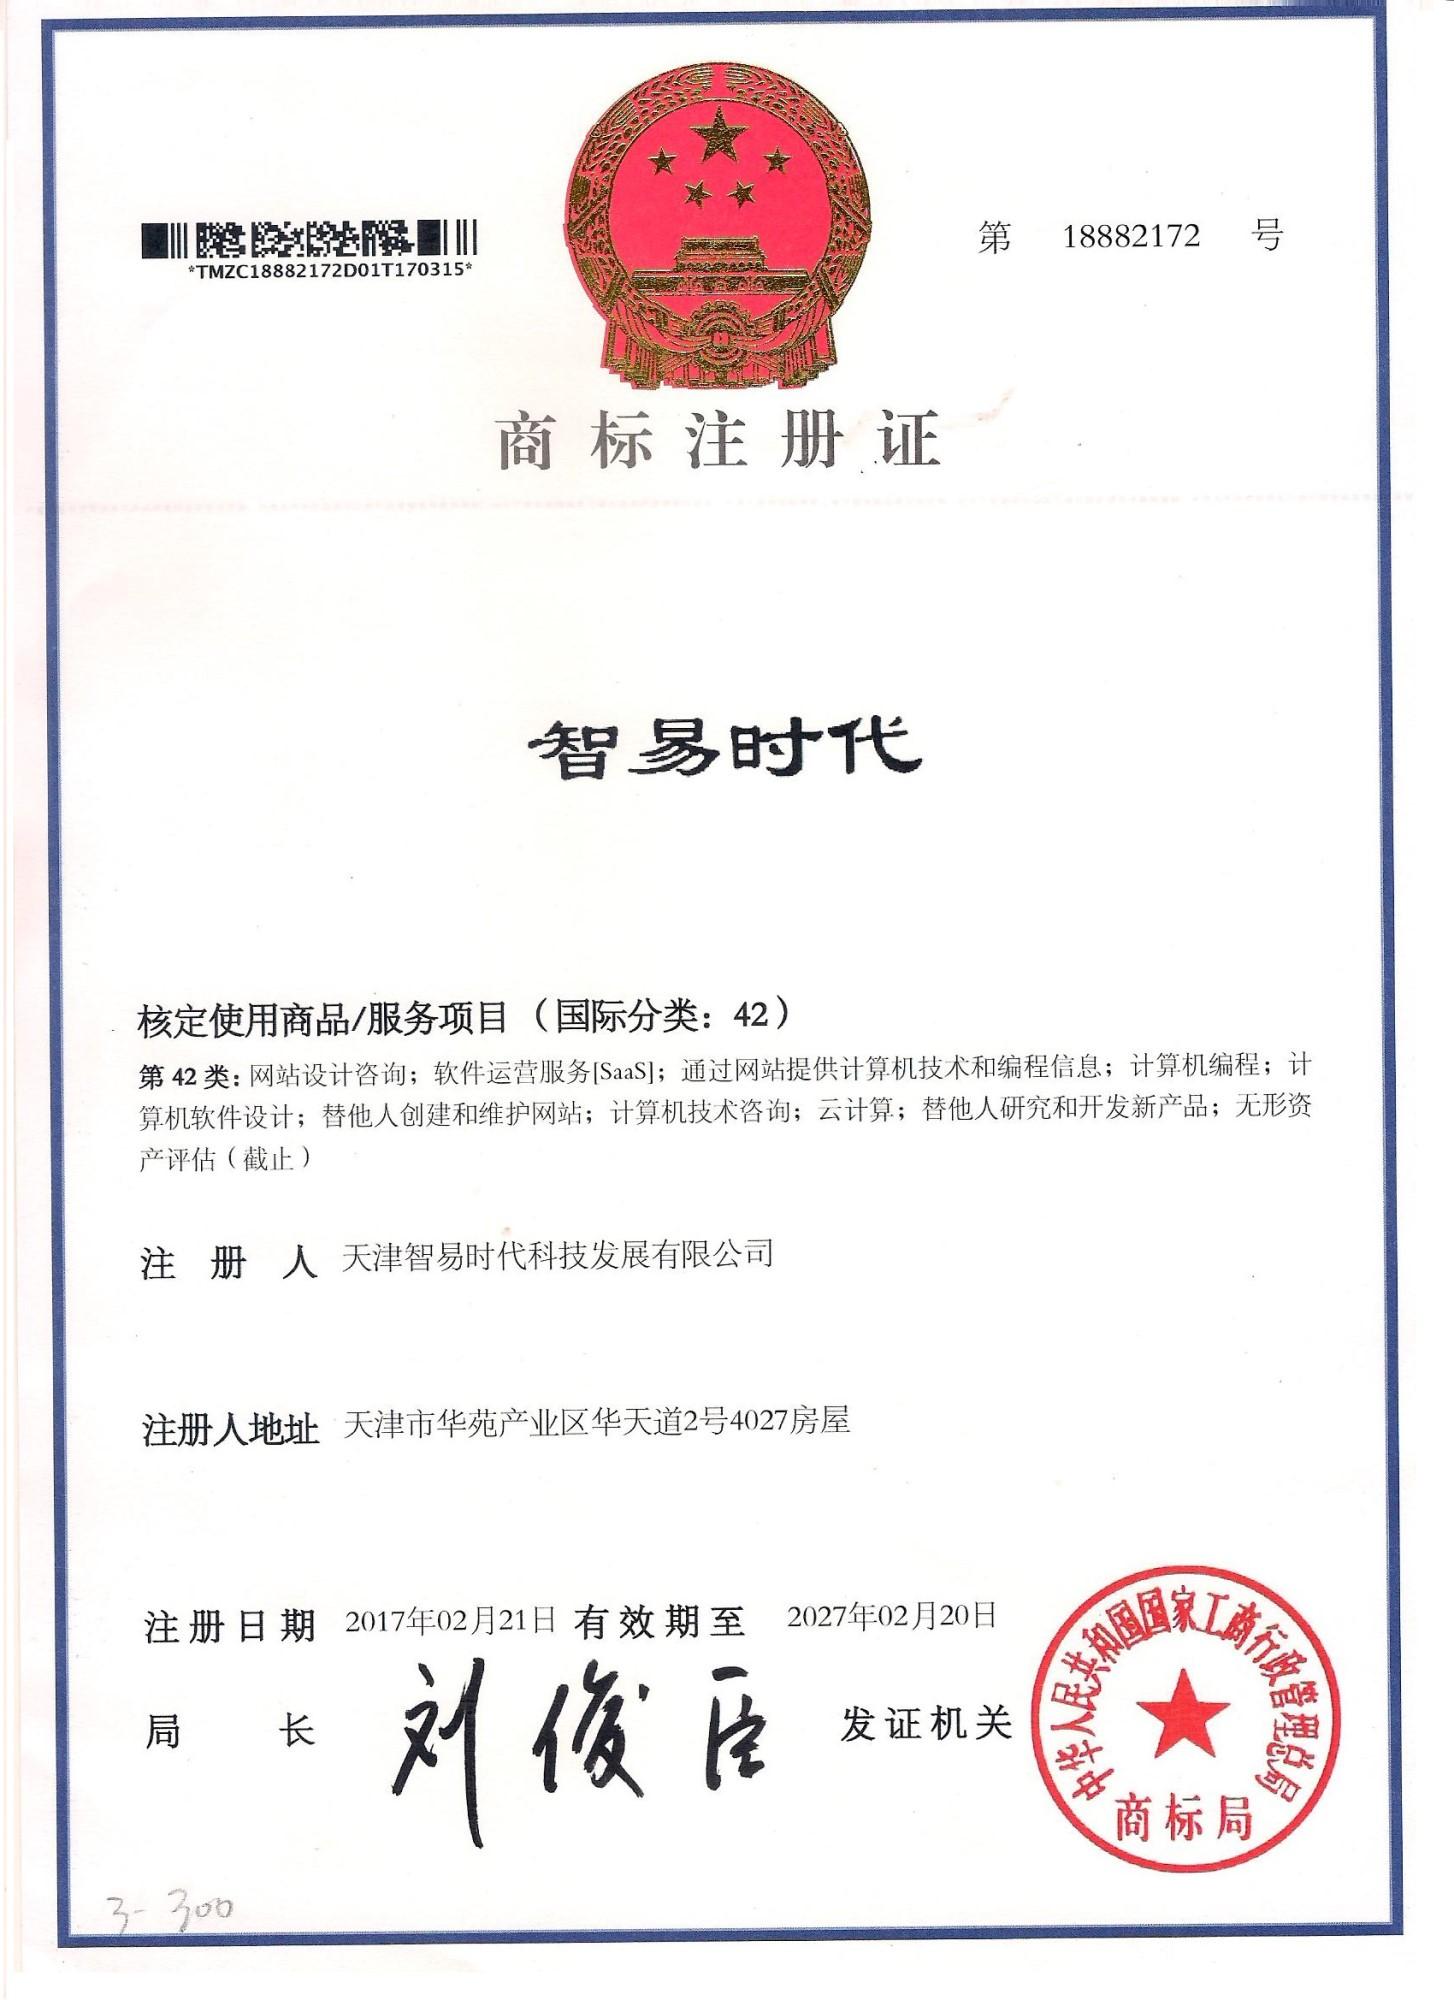 智易时代商标注册证(核定使用商)_副本